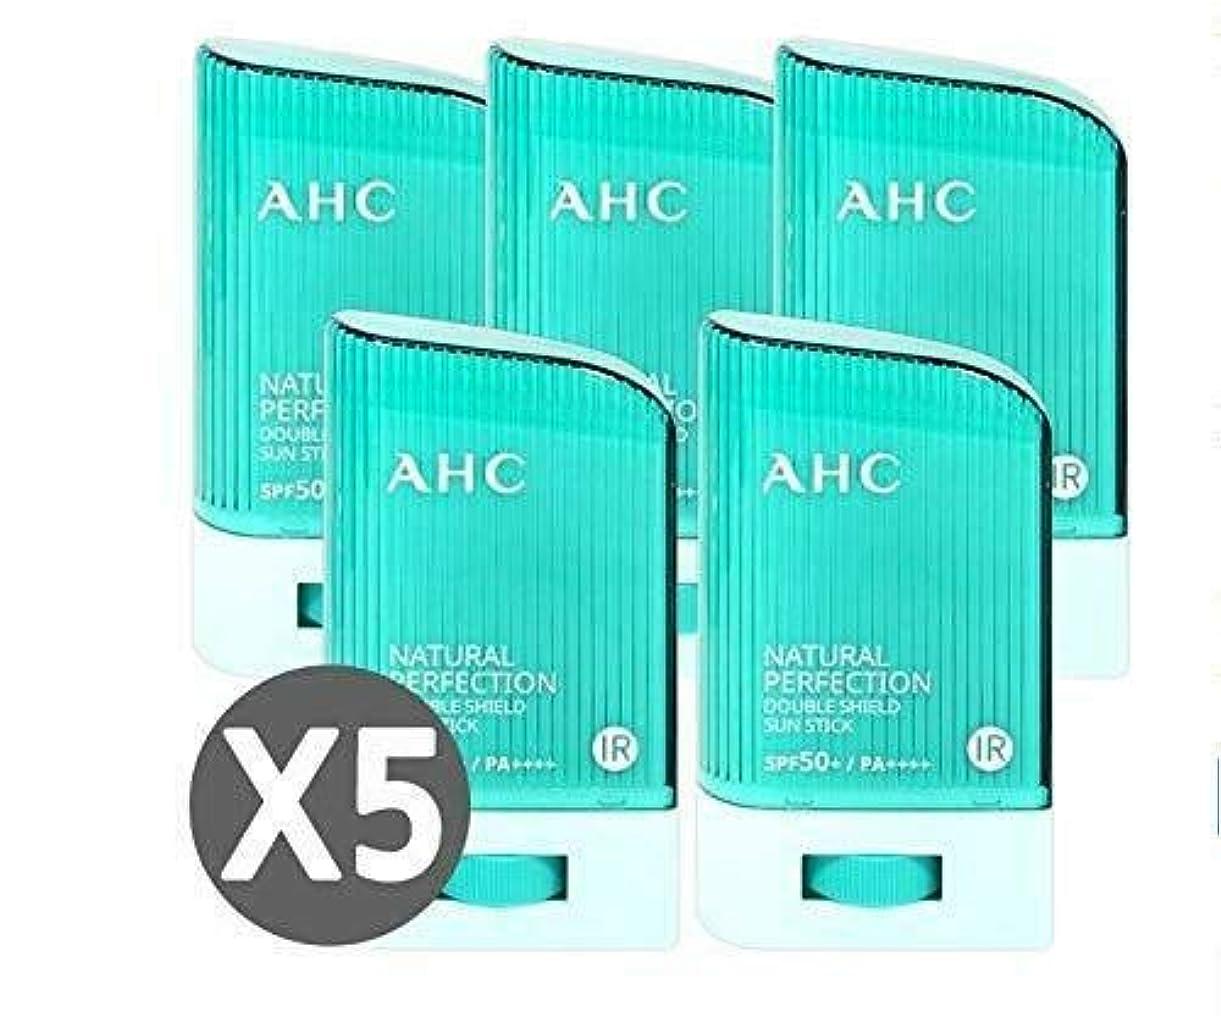 ネットつま先メロドラマ[ 5個セット ] AHC ナチュラルパーフェクションダブルシールドサンスティック 22g, Natural Perfection Double Shield Sun Stick SPF50+ PA++++